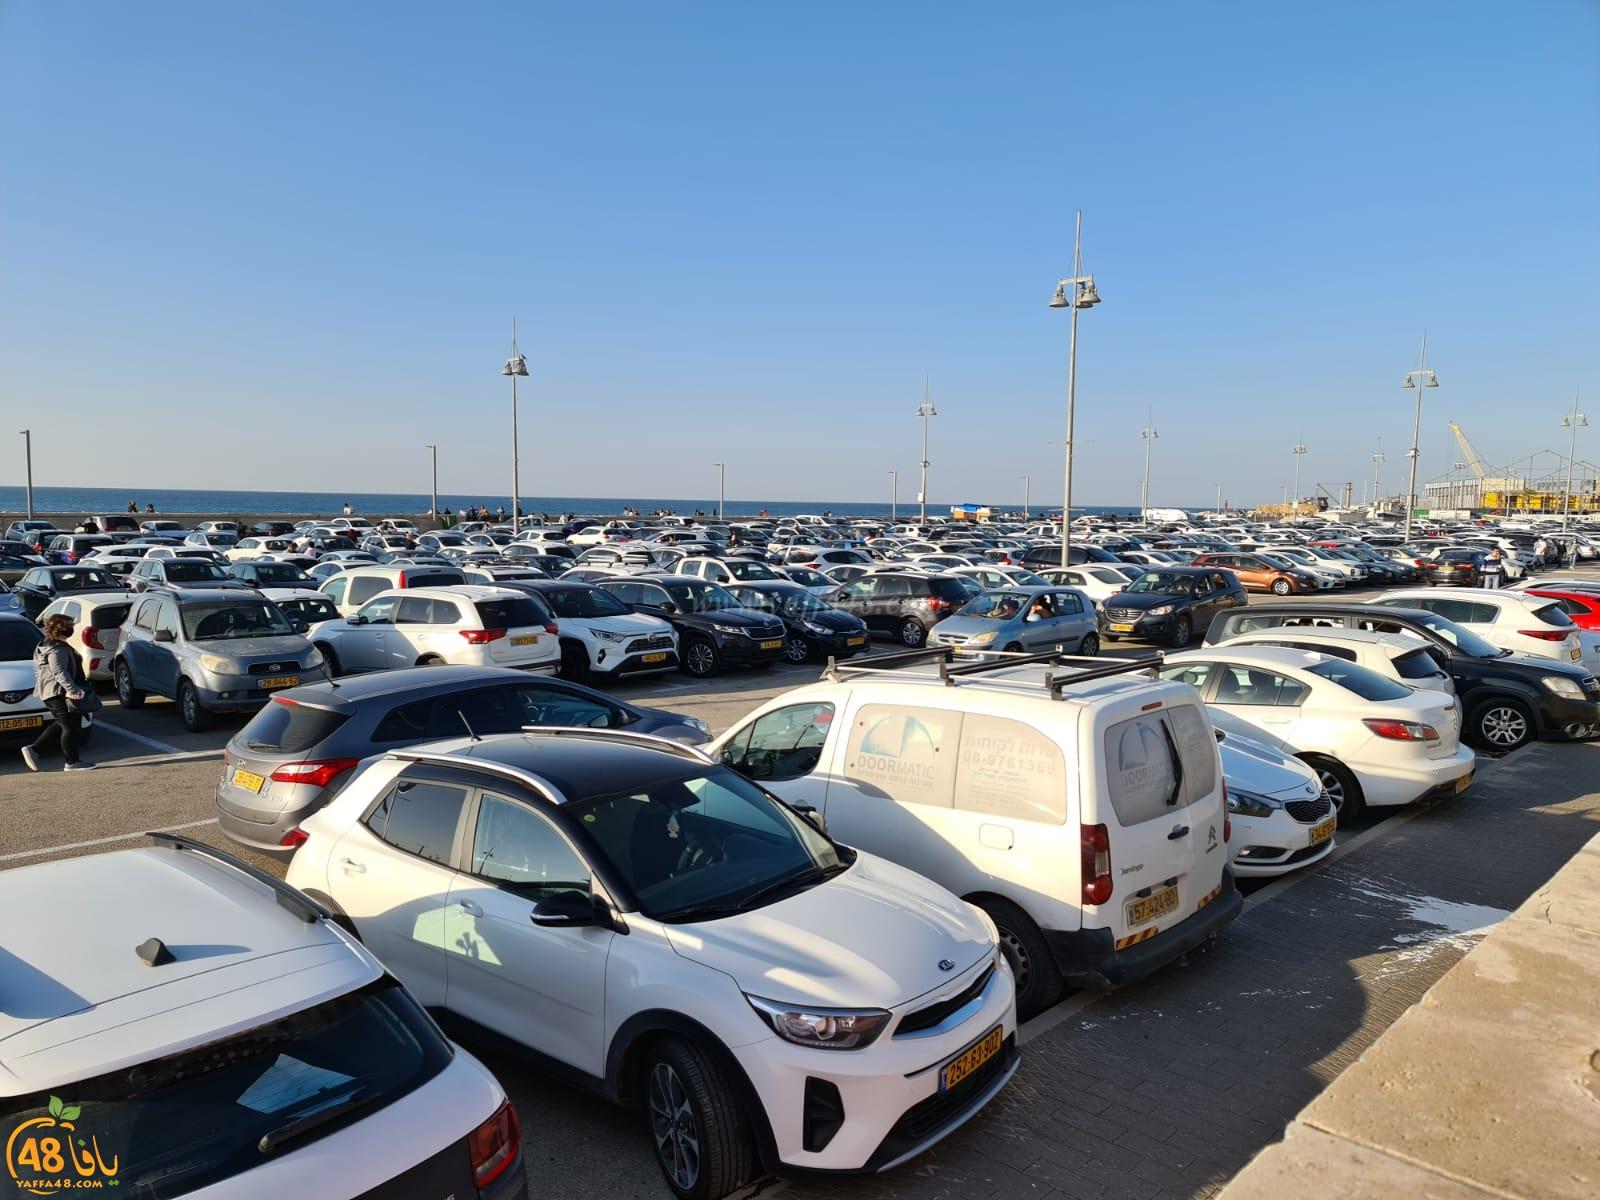 قبل يوم من الاغلاق الشامل - مدينة يافا تكتظ بالنزلاء